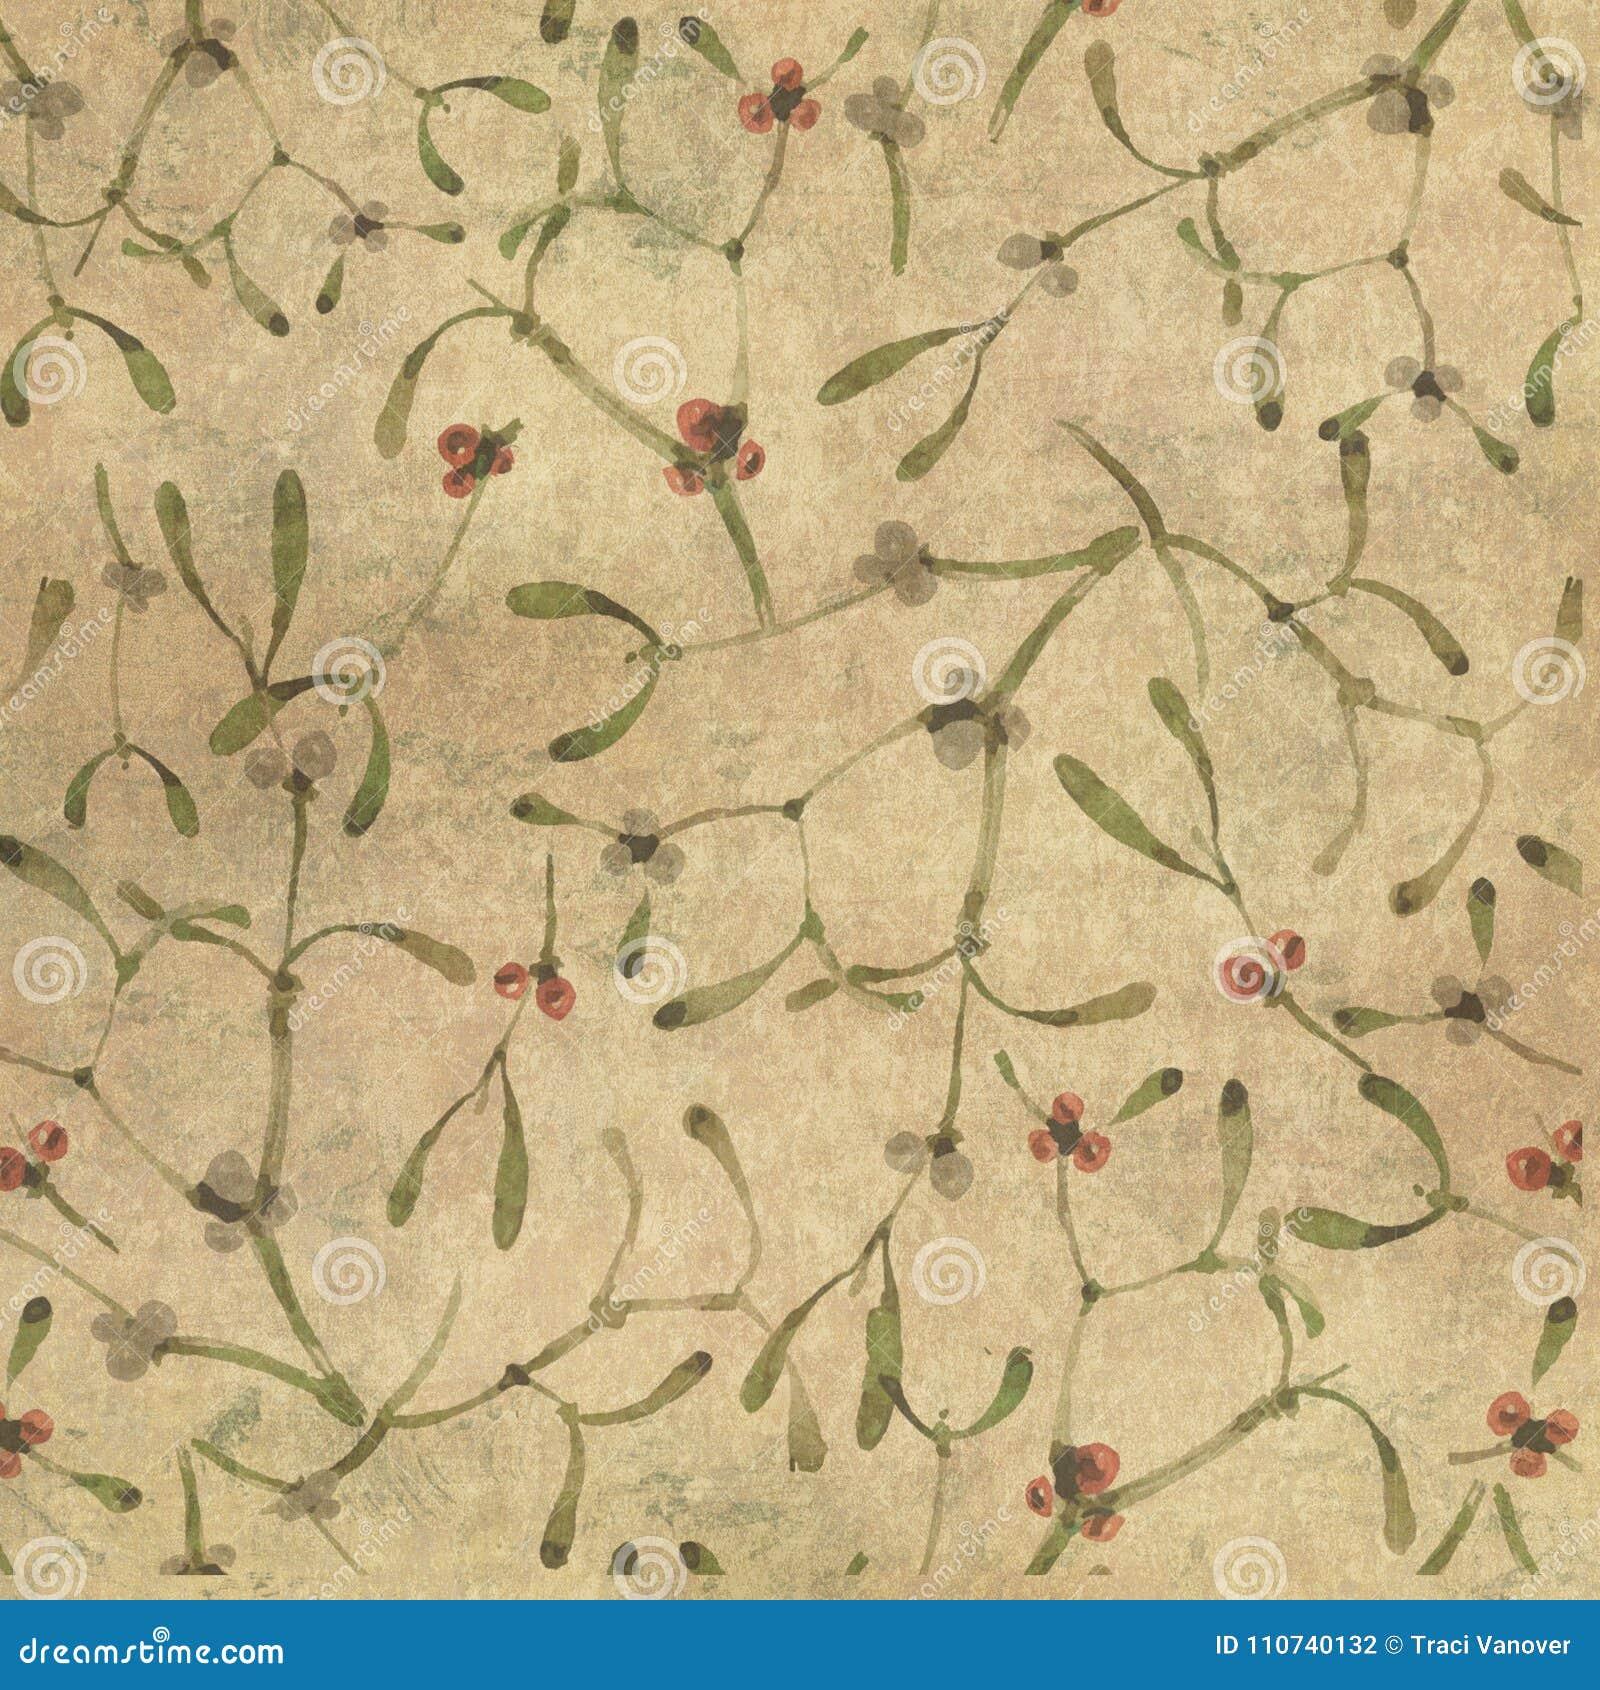 Distressed Vintage Floral Illustration Background Mistletoe Pattern Winter Holiday Scrapbook Paper Design Stock Illustration Illustration Of Distressed Antique 110740132